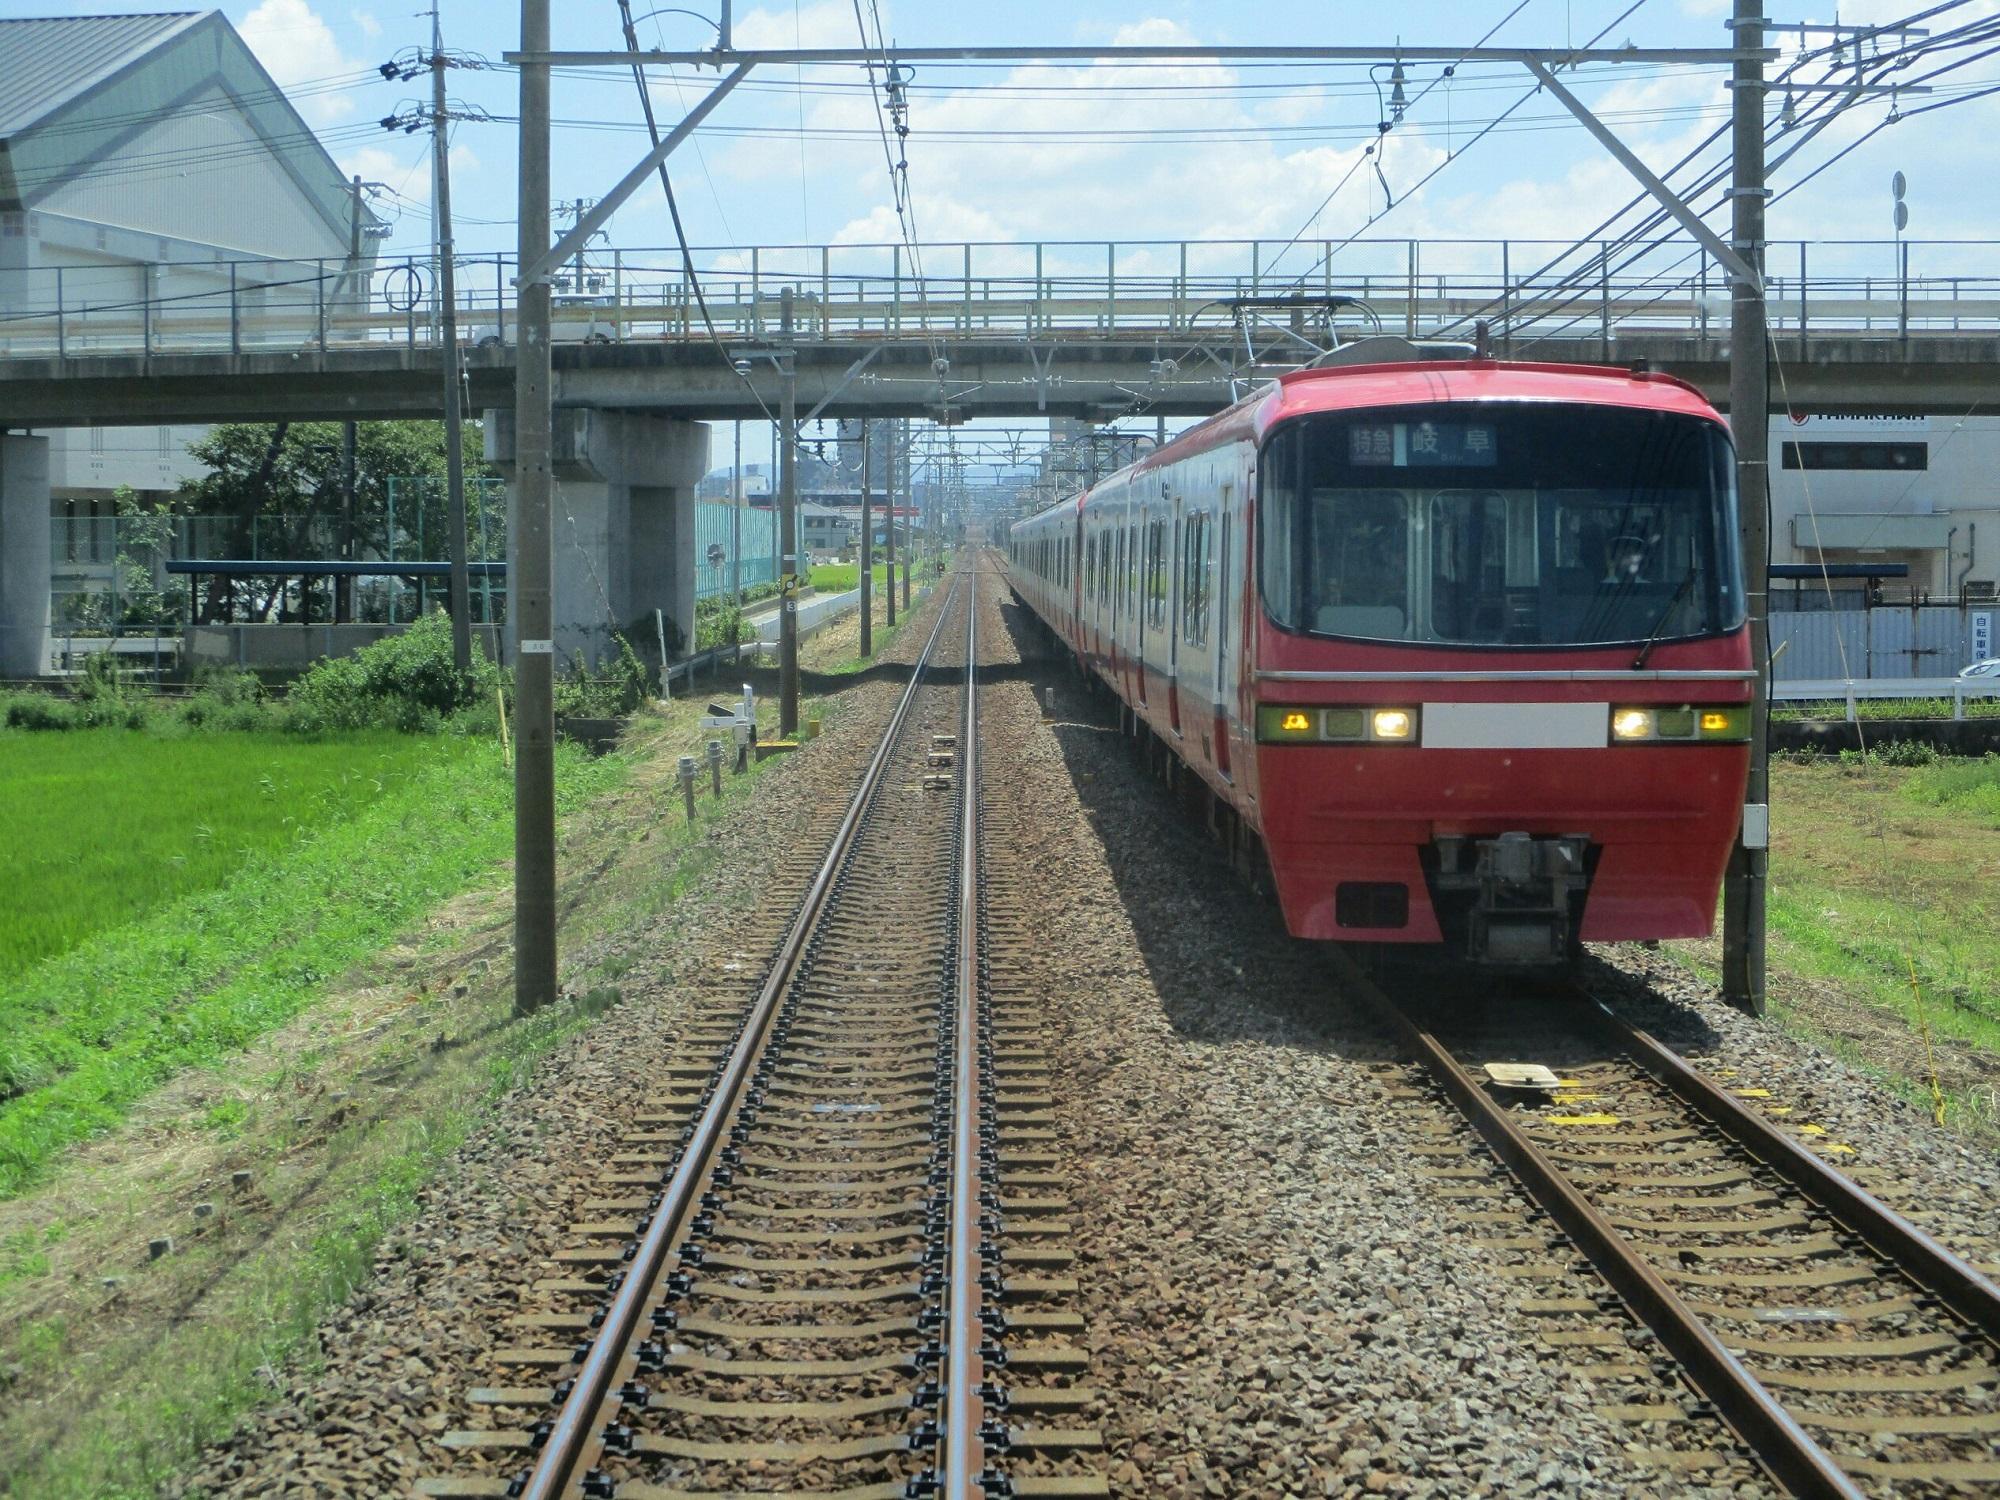 2018.7.31 (5) 東岡崎いきふつう - 宇頭-矢作橋間(岐阜いき特急) 2000-1500